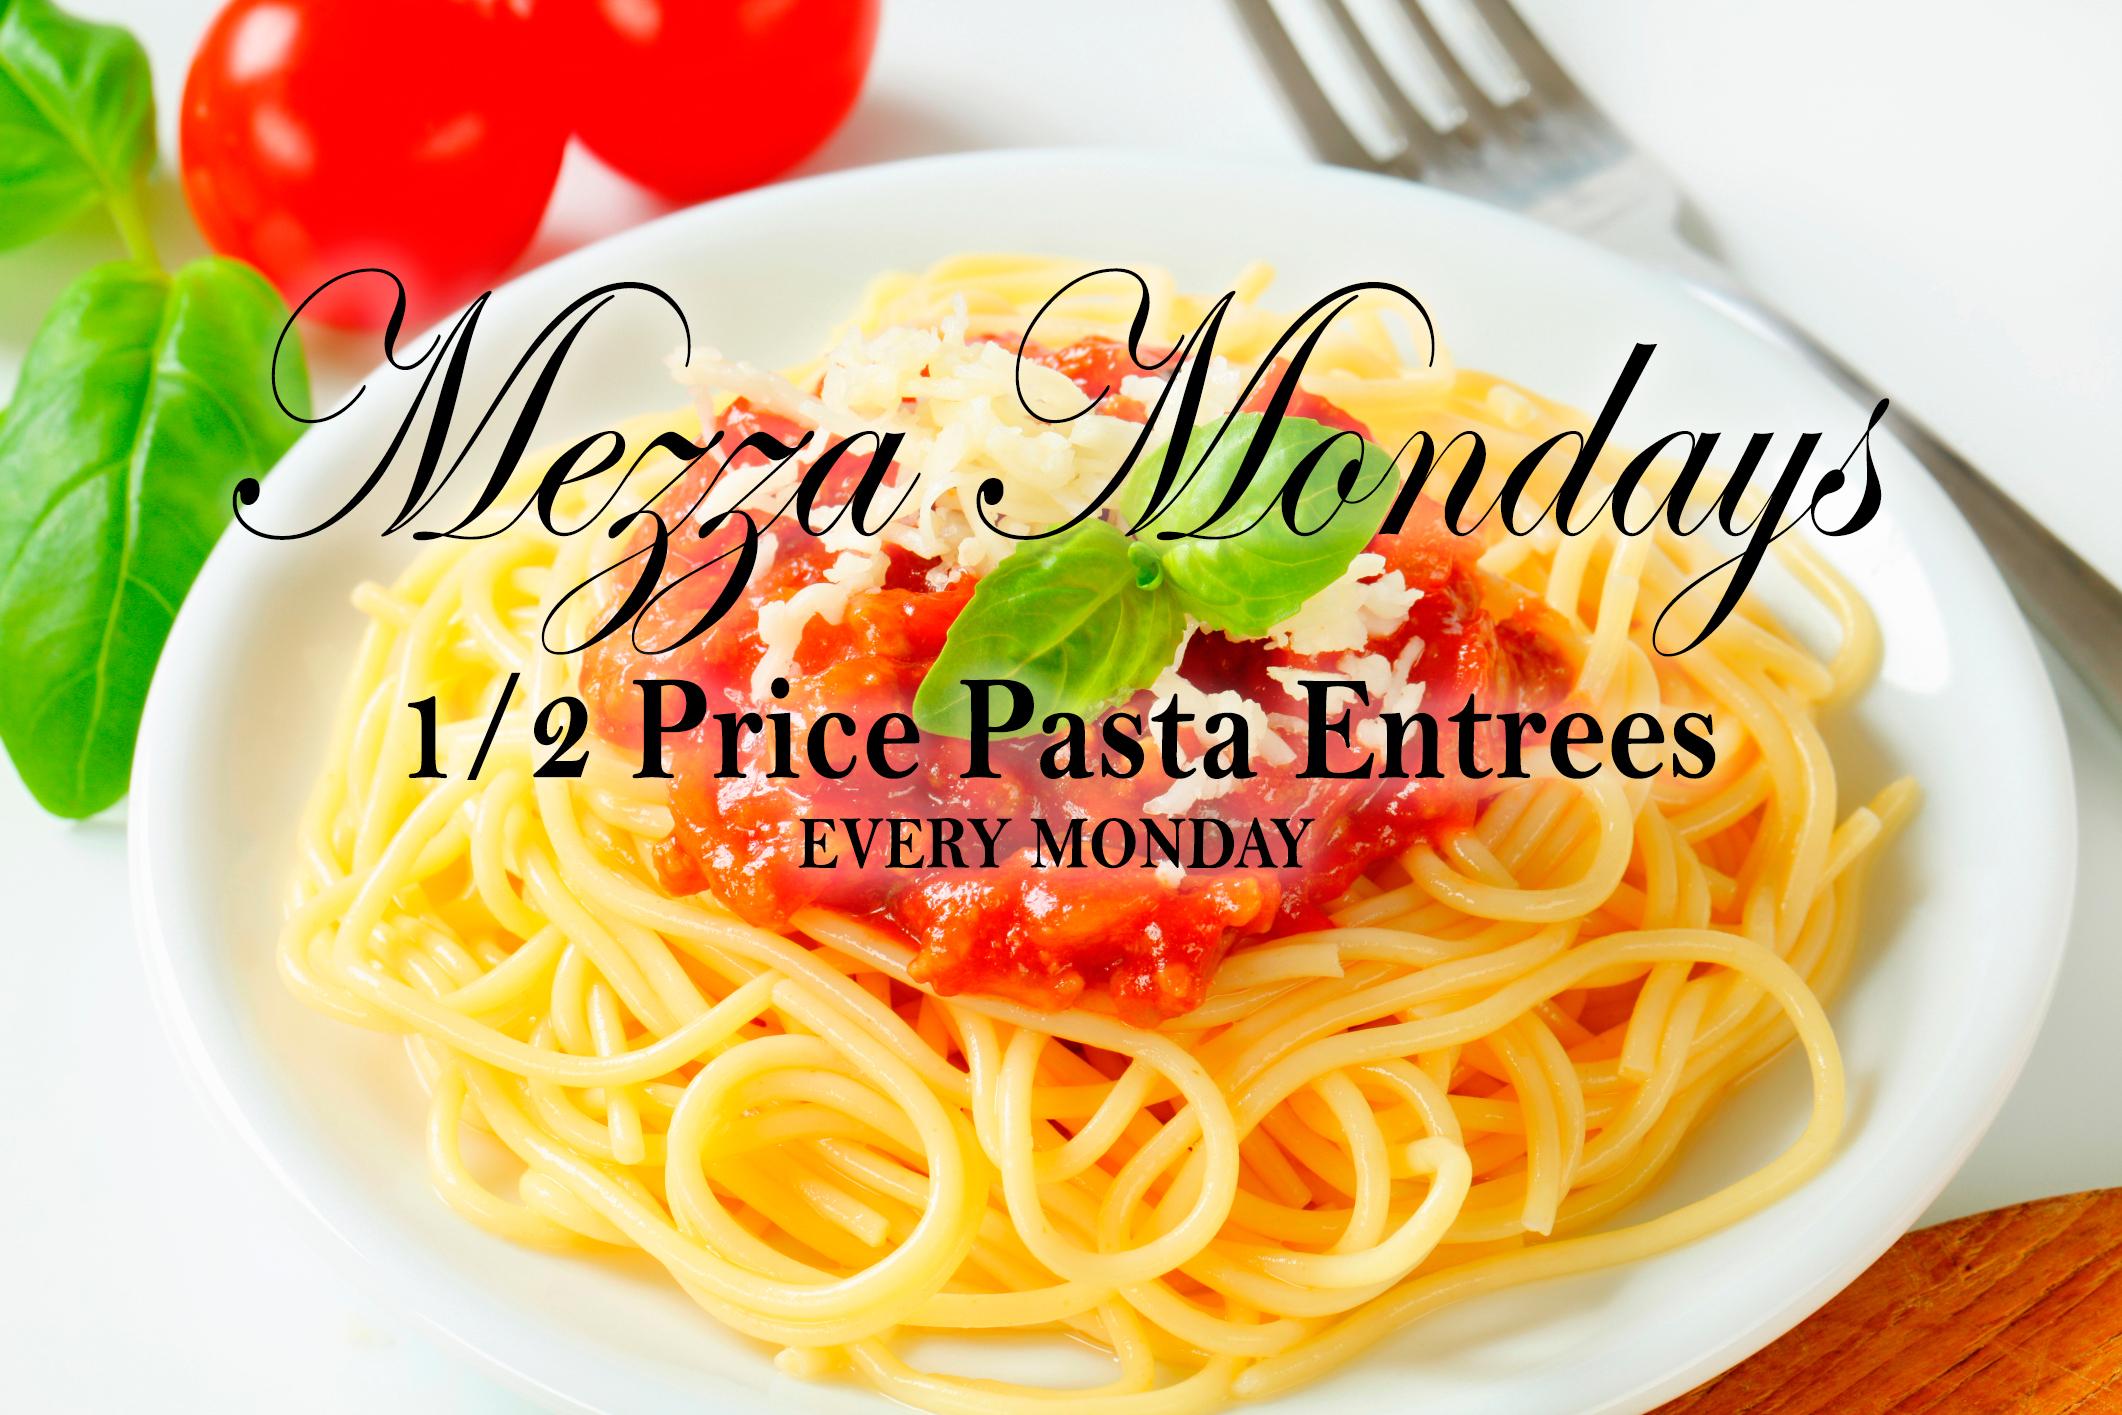 Italian Restaurant Albany, NY